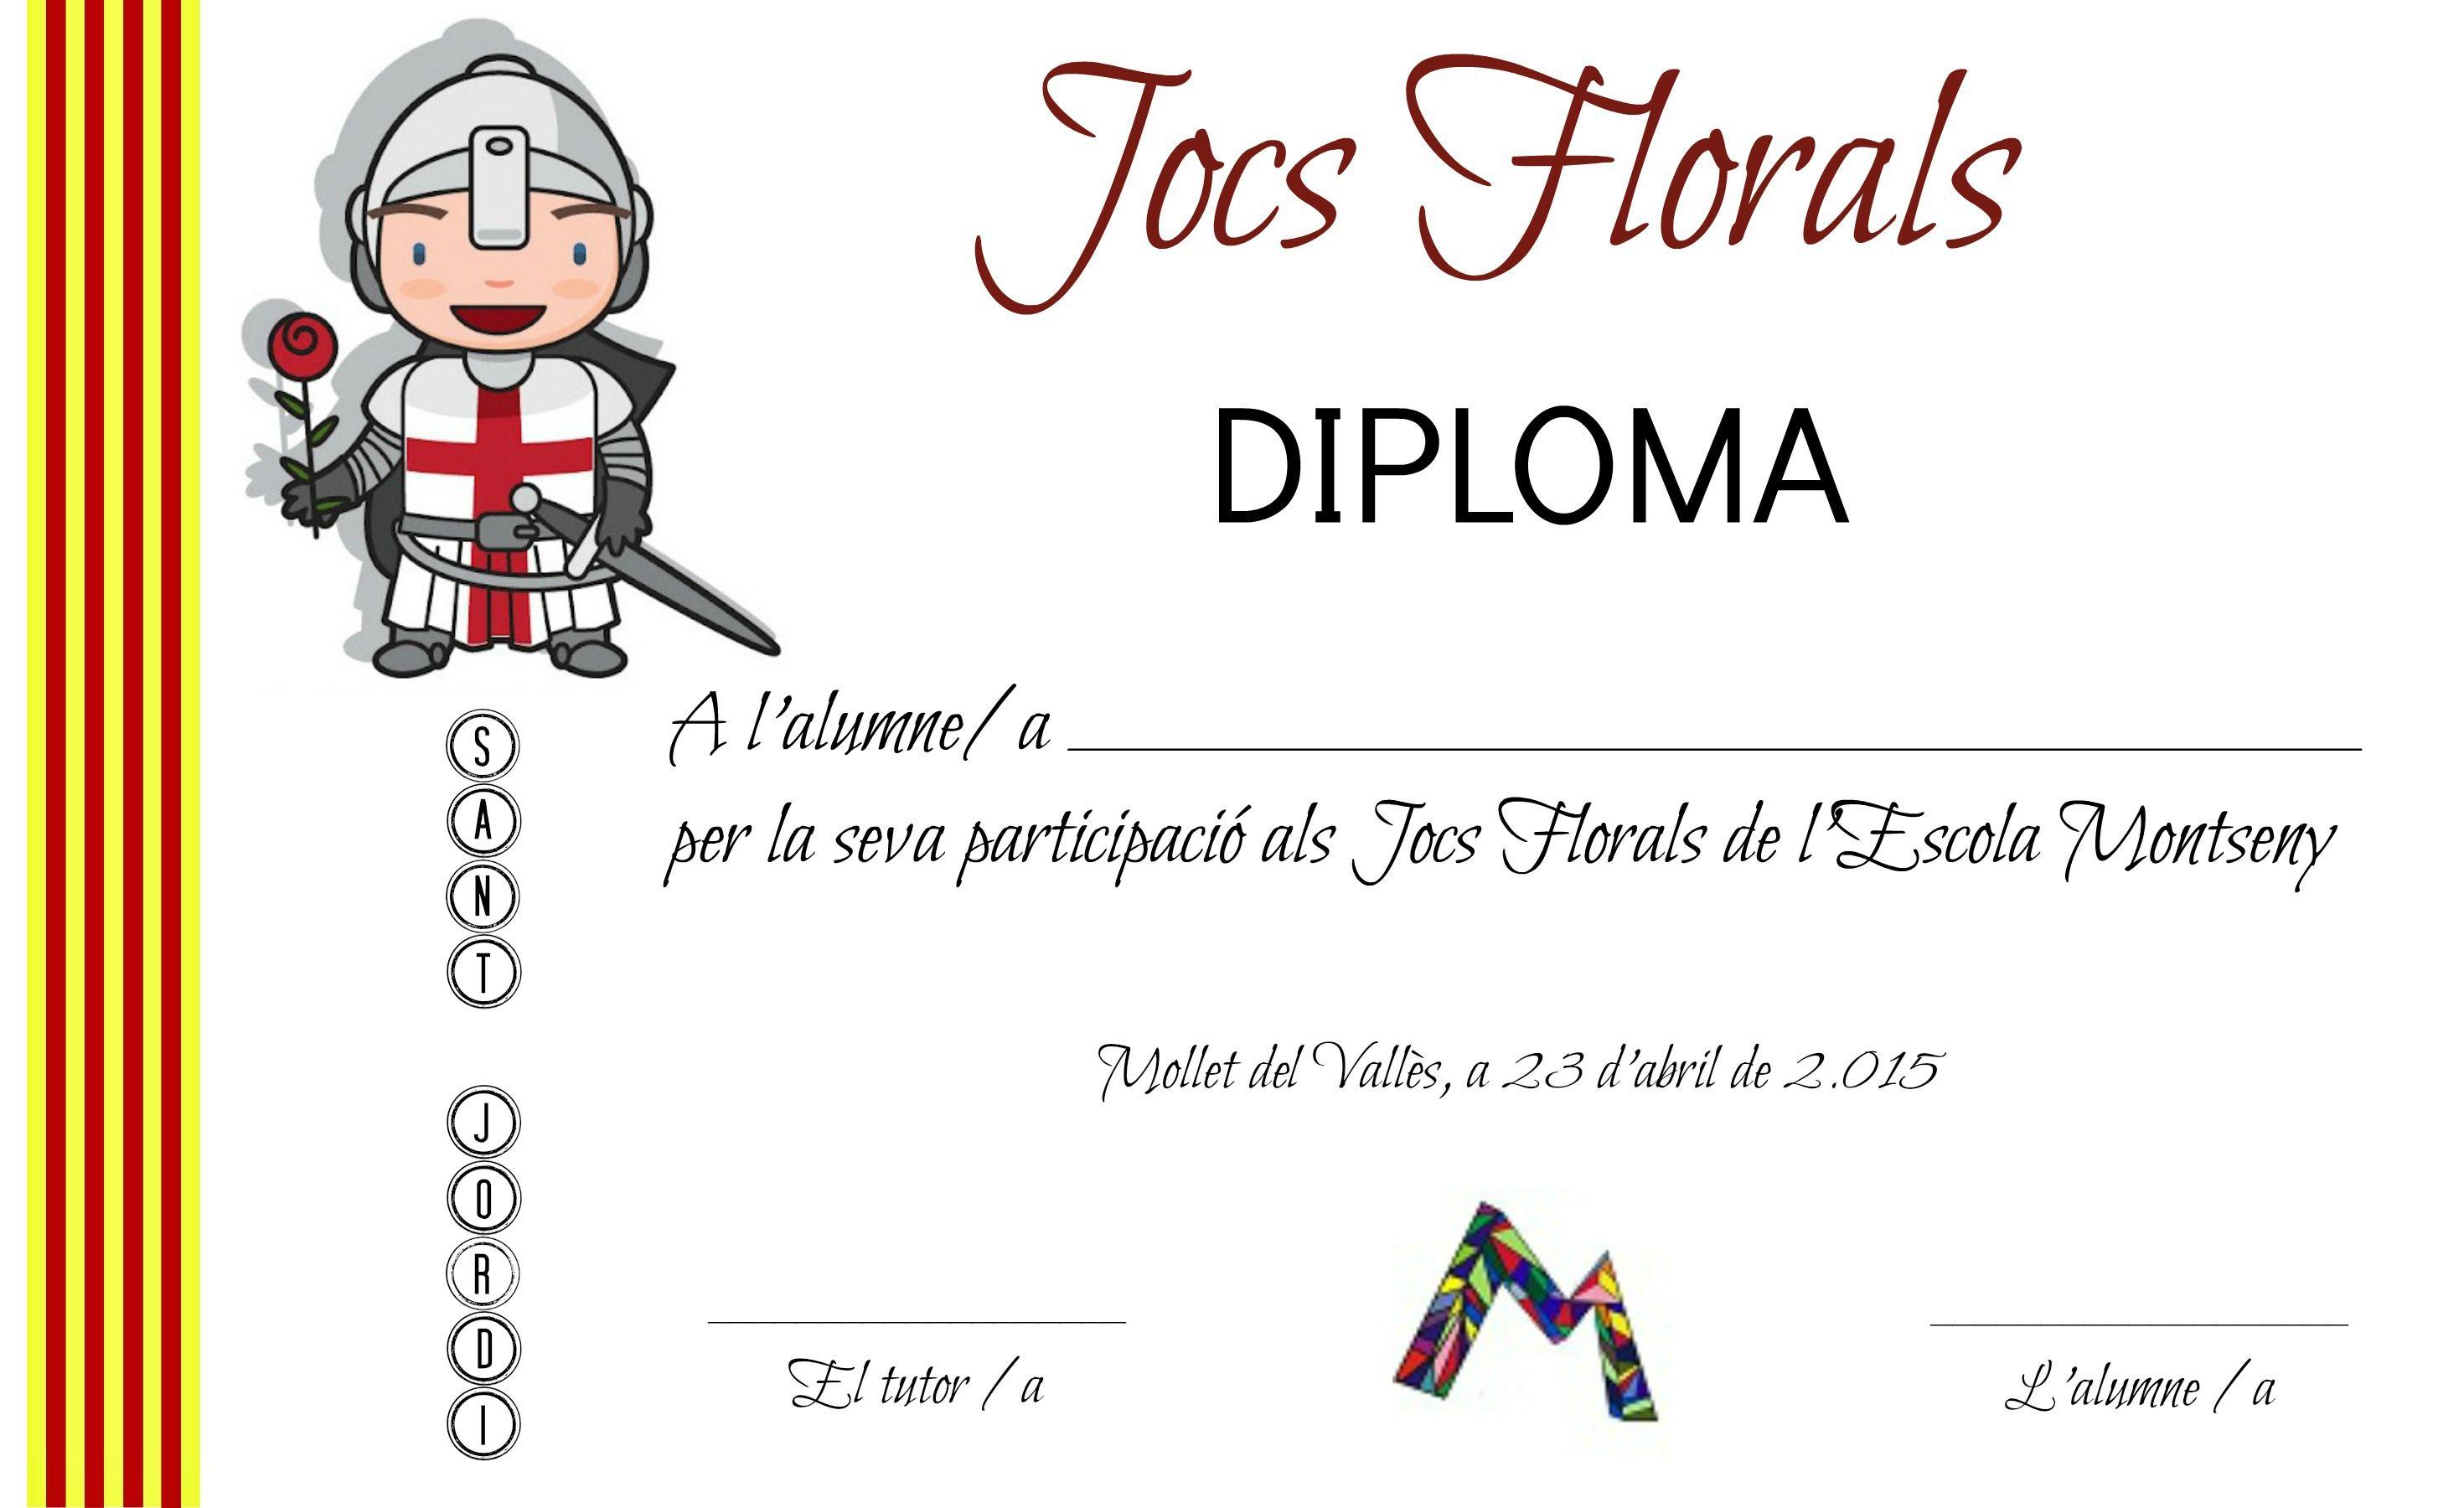 DIPLOMA JOCS FLORALS